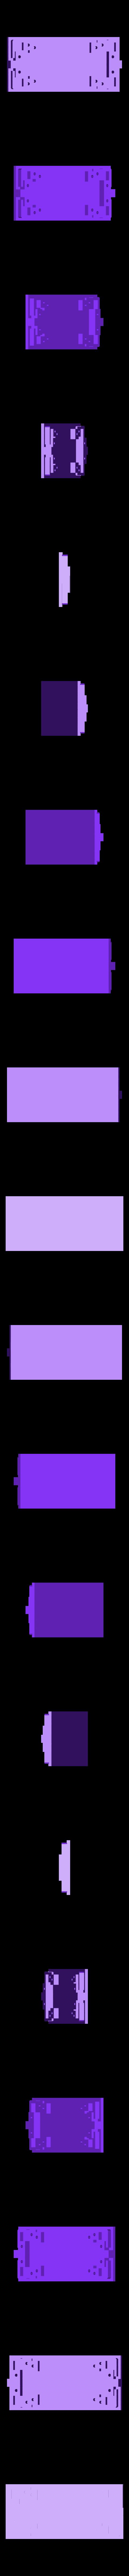 ConverterCase.stl Télécharger fichier STL gratuit LM2596 Boîtier de convertisseur d'alimentation DC-DC LM2596 • Design pour impression 3D, Duskwin